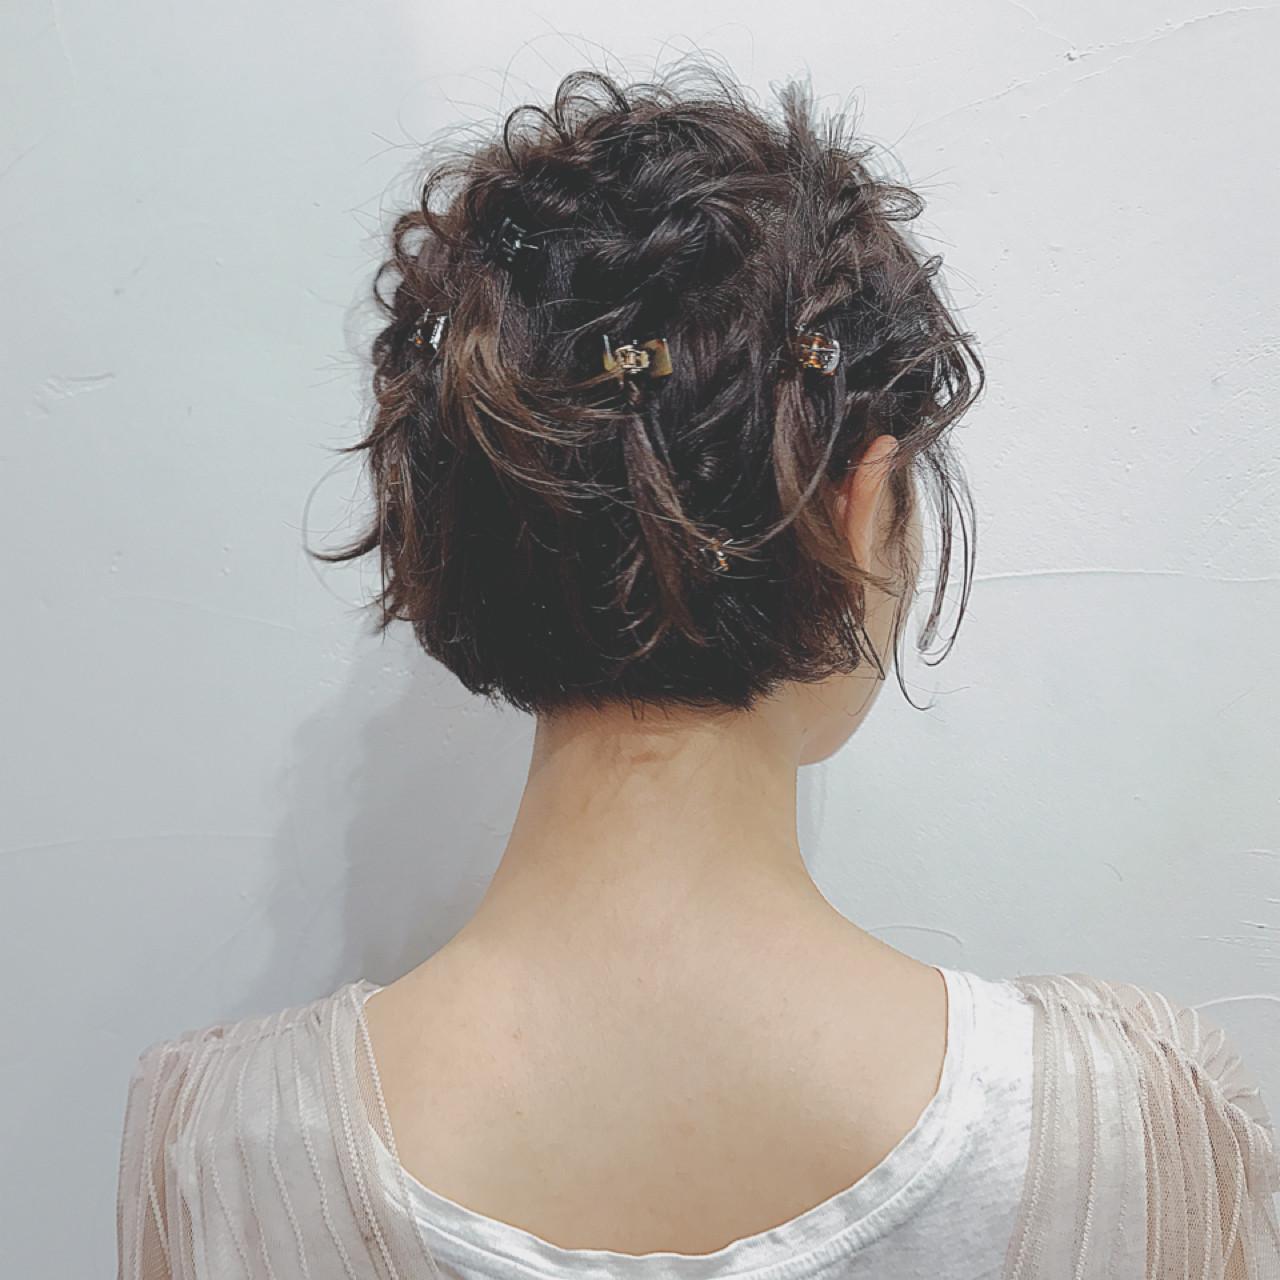 ヘアクリップ 梅雨 ゆるふわ ヘアアレンジ ヘアスタイルや髪型の写真・画像